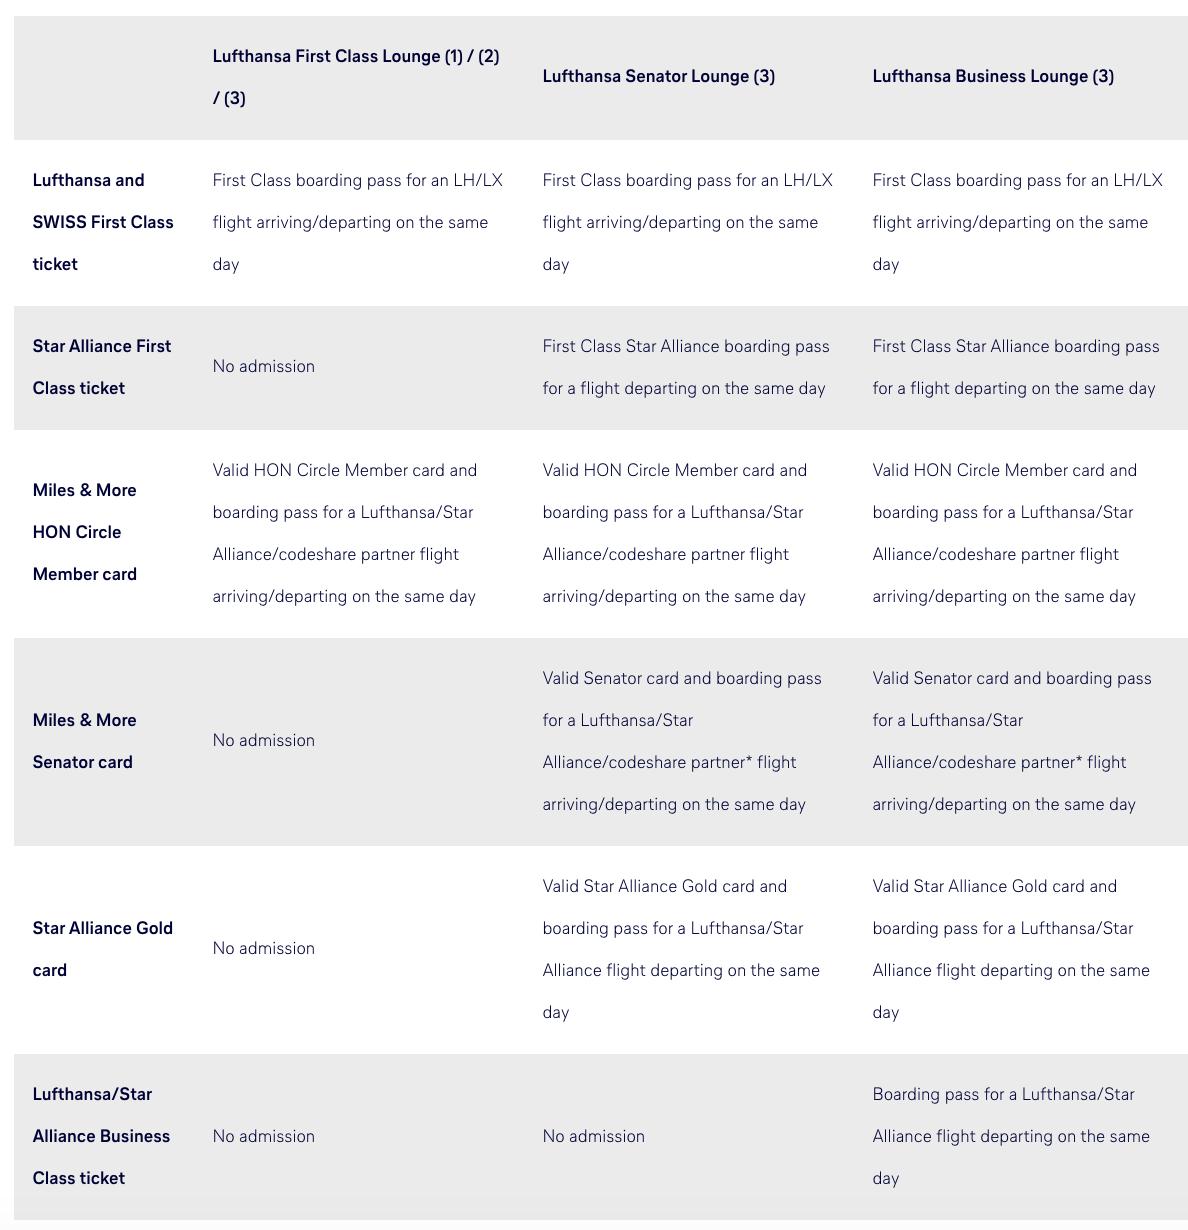 ルフトハンザラウンジ利用資格表